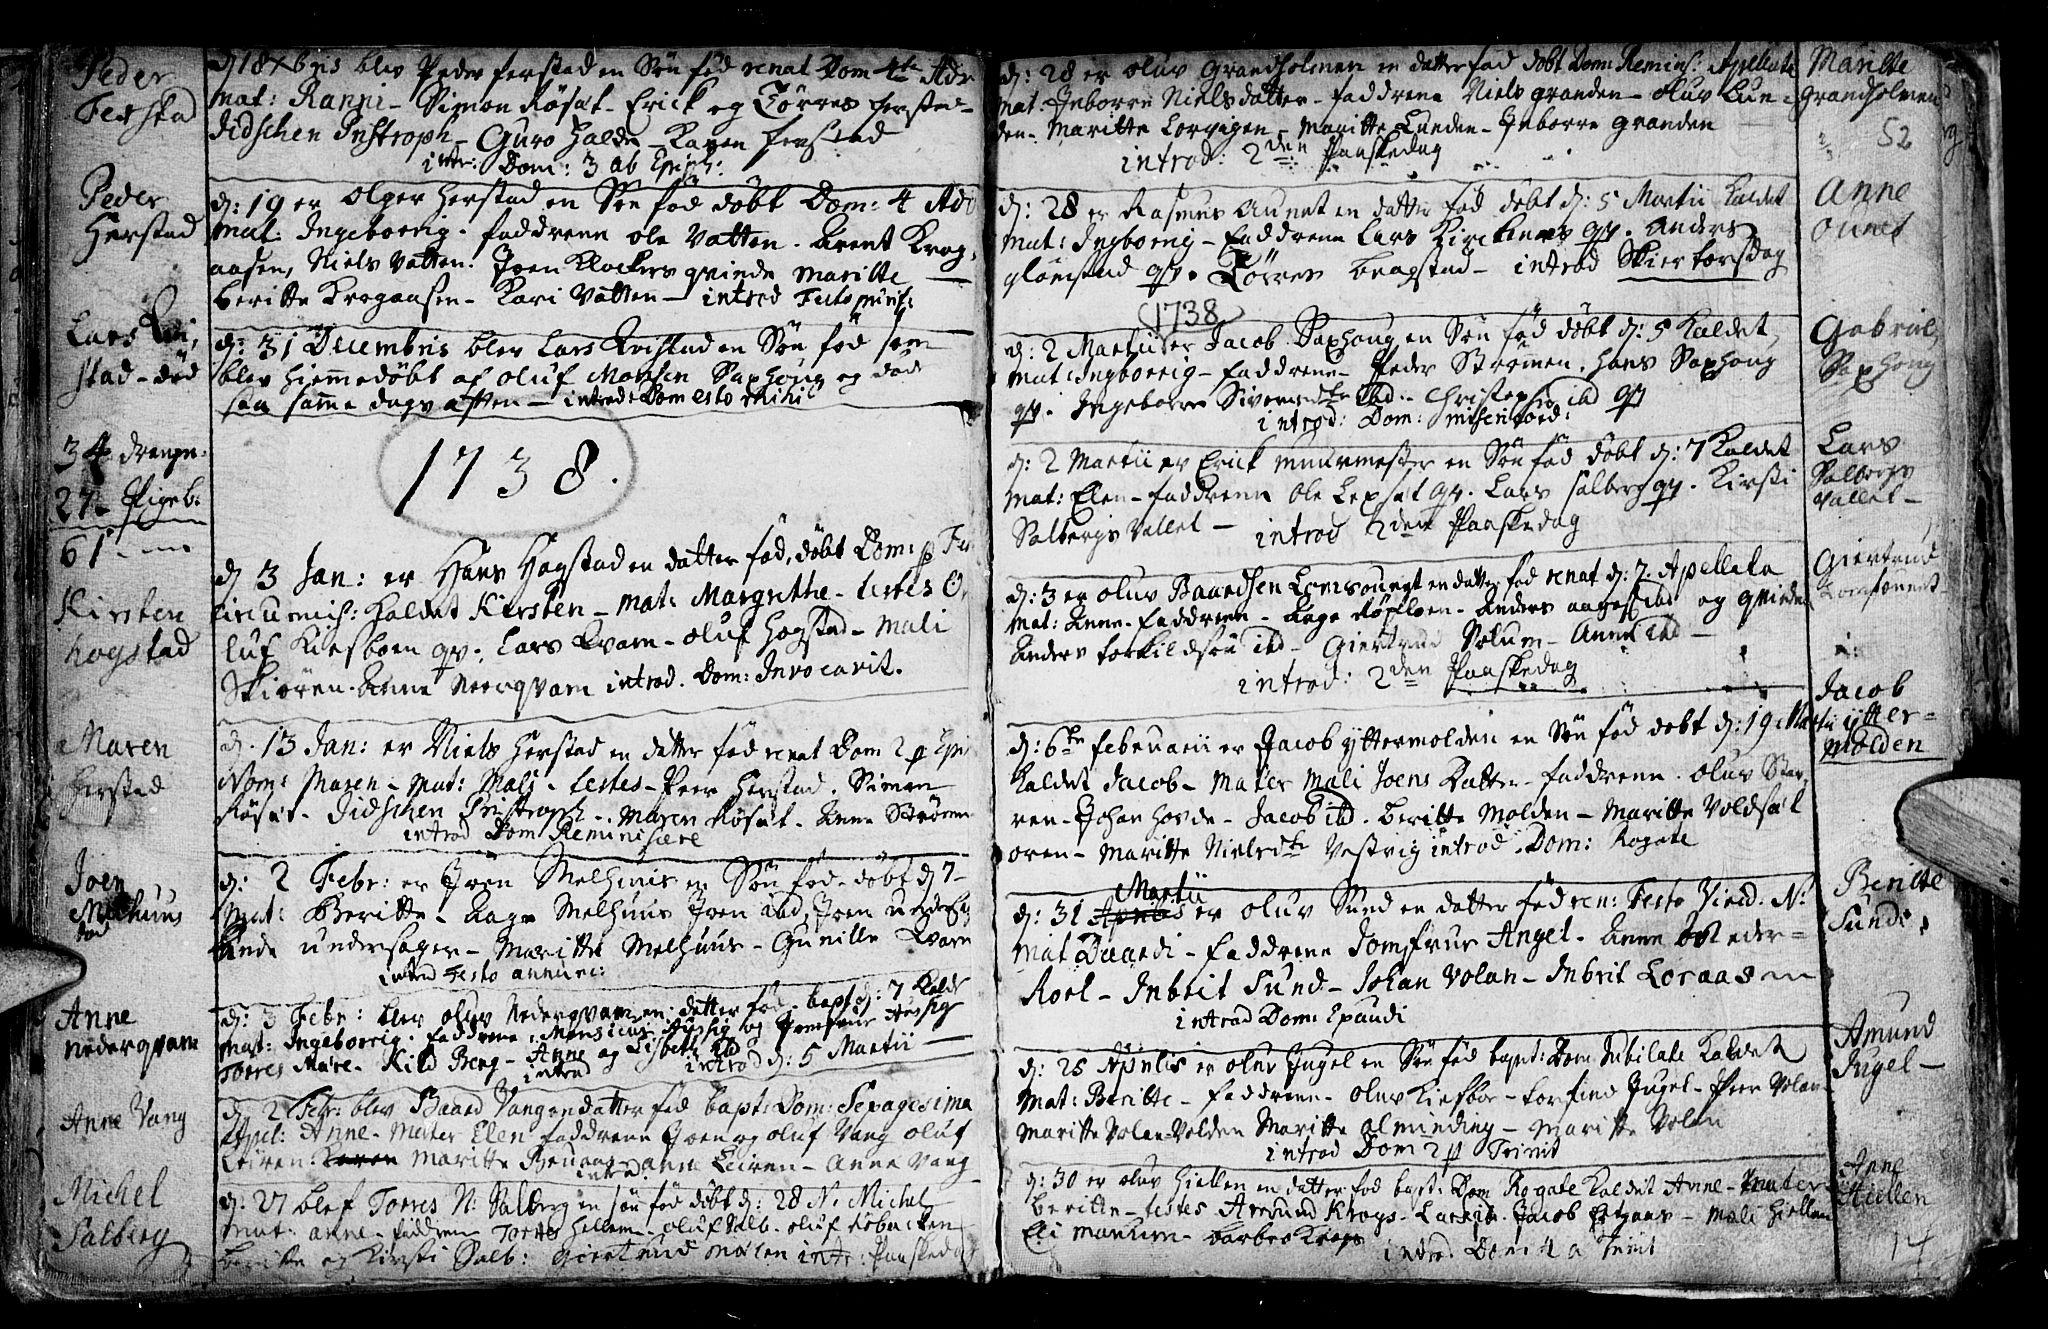 SAT, Ministerialprotokoller, klokkerbøker og fødselsregistre - Nord-Trøndelag, 730/L0272: Ministerialbok nr. 730A01, 1733-1764, s. 52